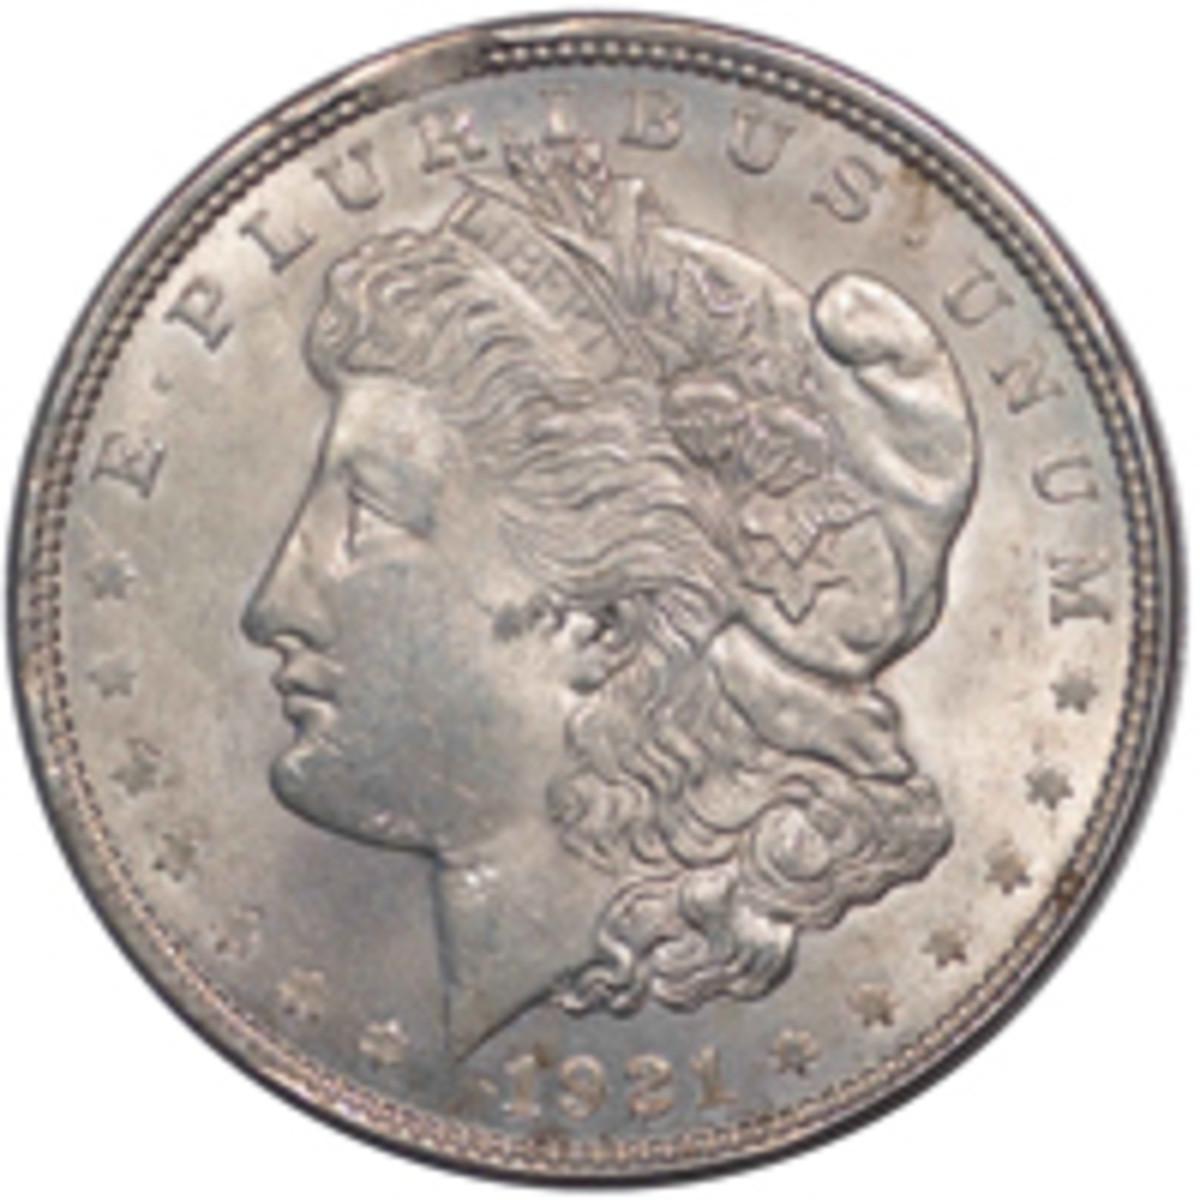 1921 Morgan Dollar with 'Splitting Headache' die breaks, VAM-3AM3 (Image courtesy www.vamworld.com)